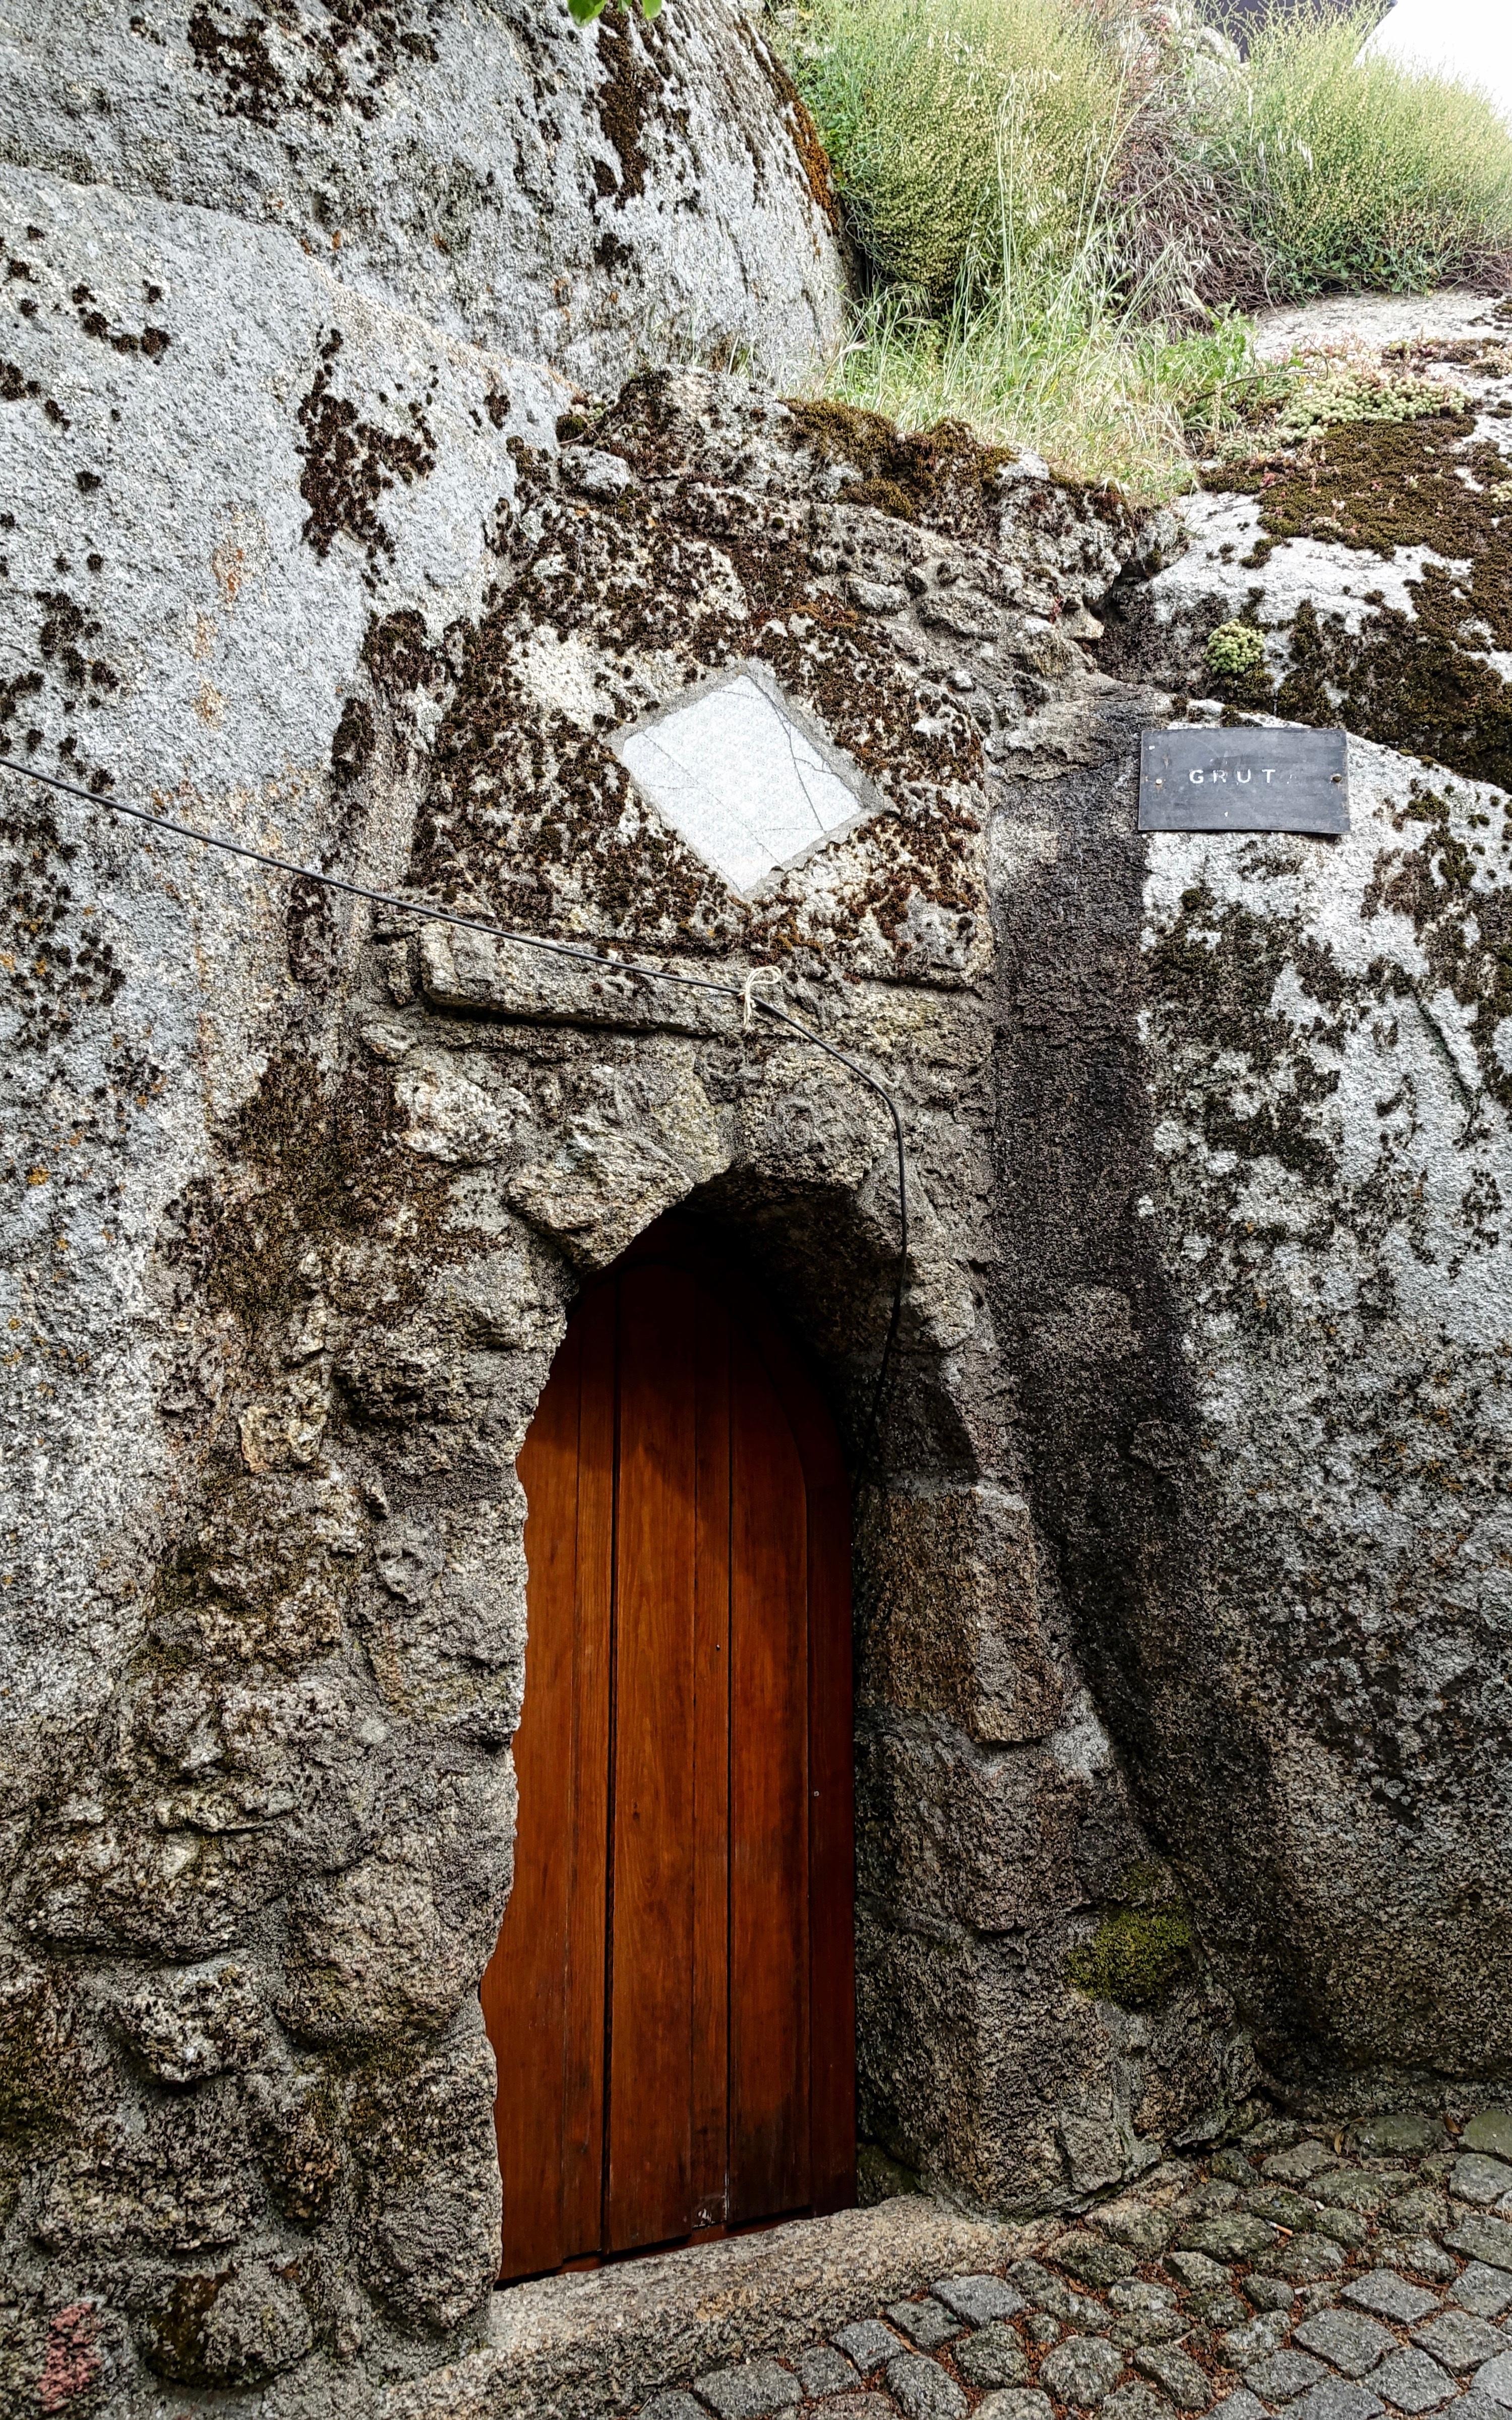 rock casa edificio pared piedra arco entrada capilla exterior puerta puerta templo restos monasterio historia